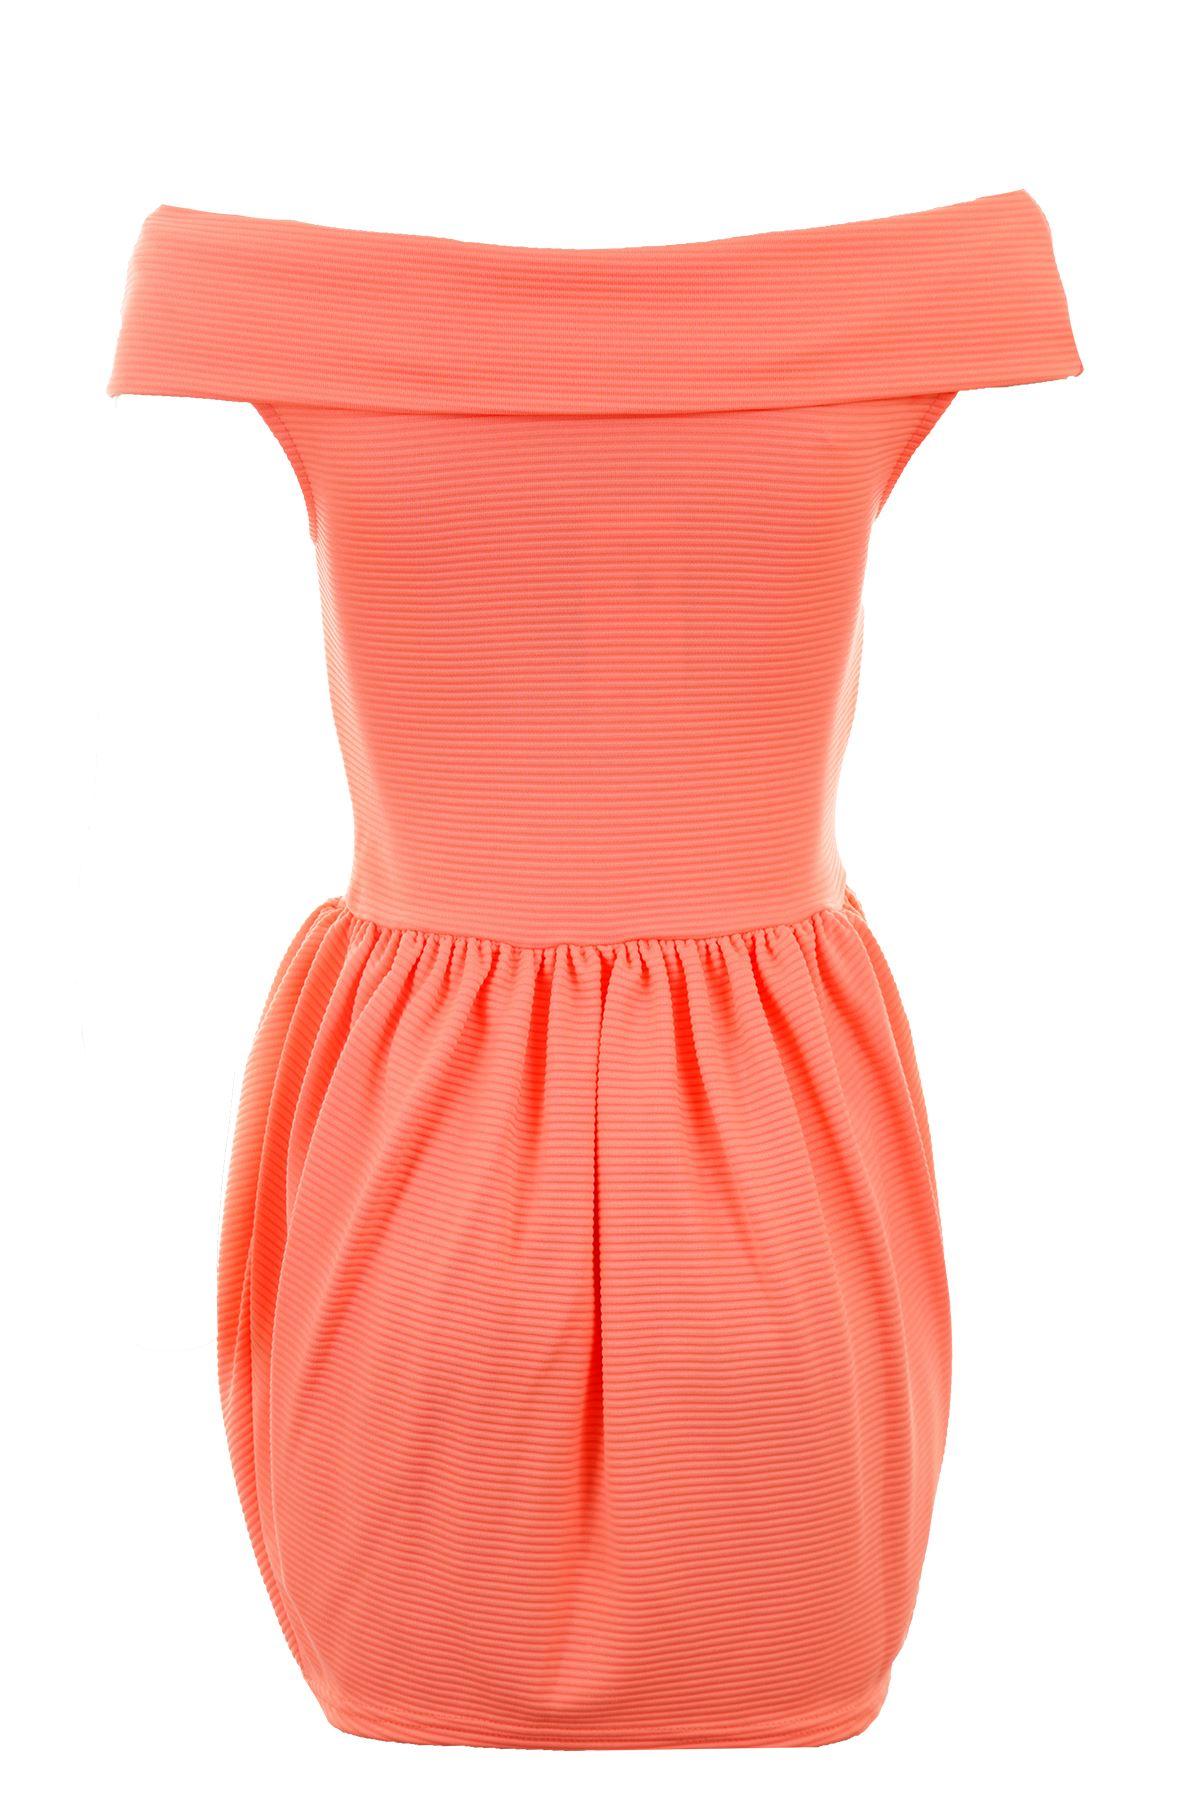 Kleid orange schulterfrei  Stilvolle Jugendkleidung